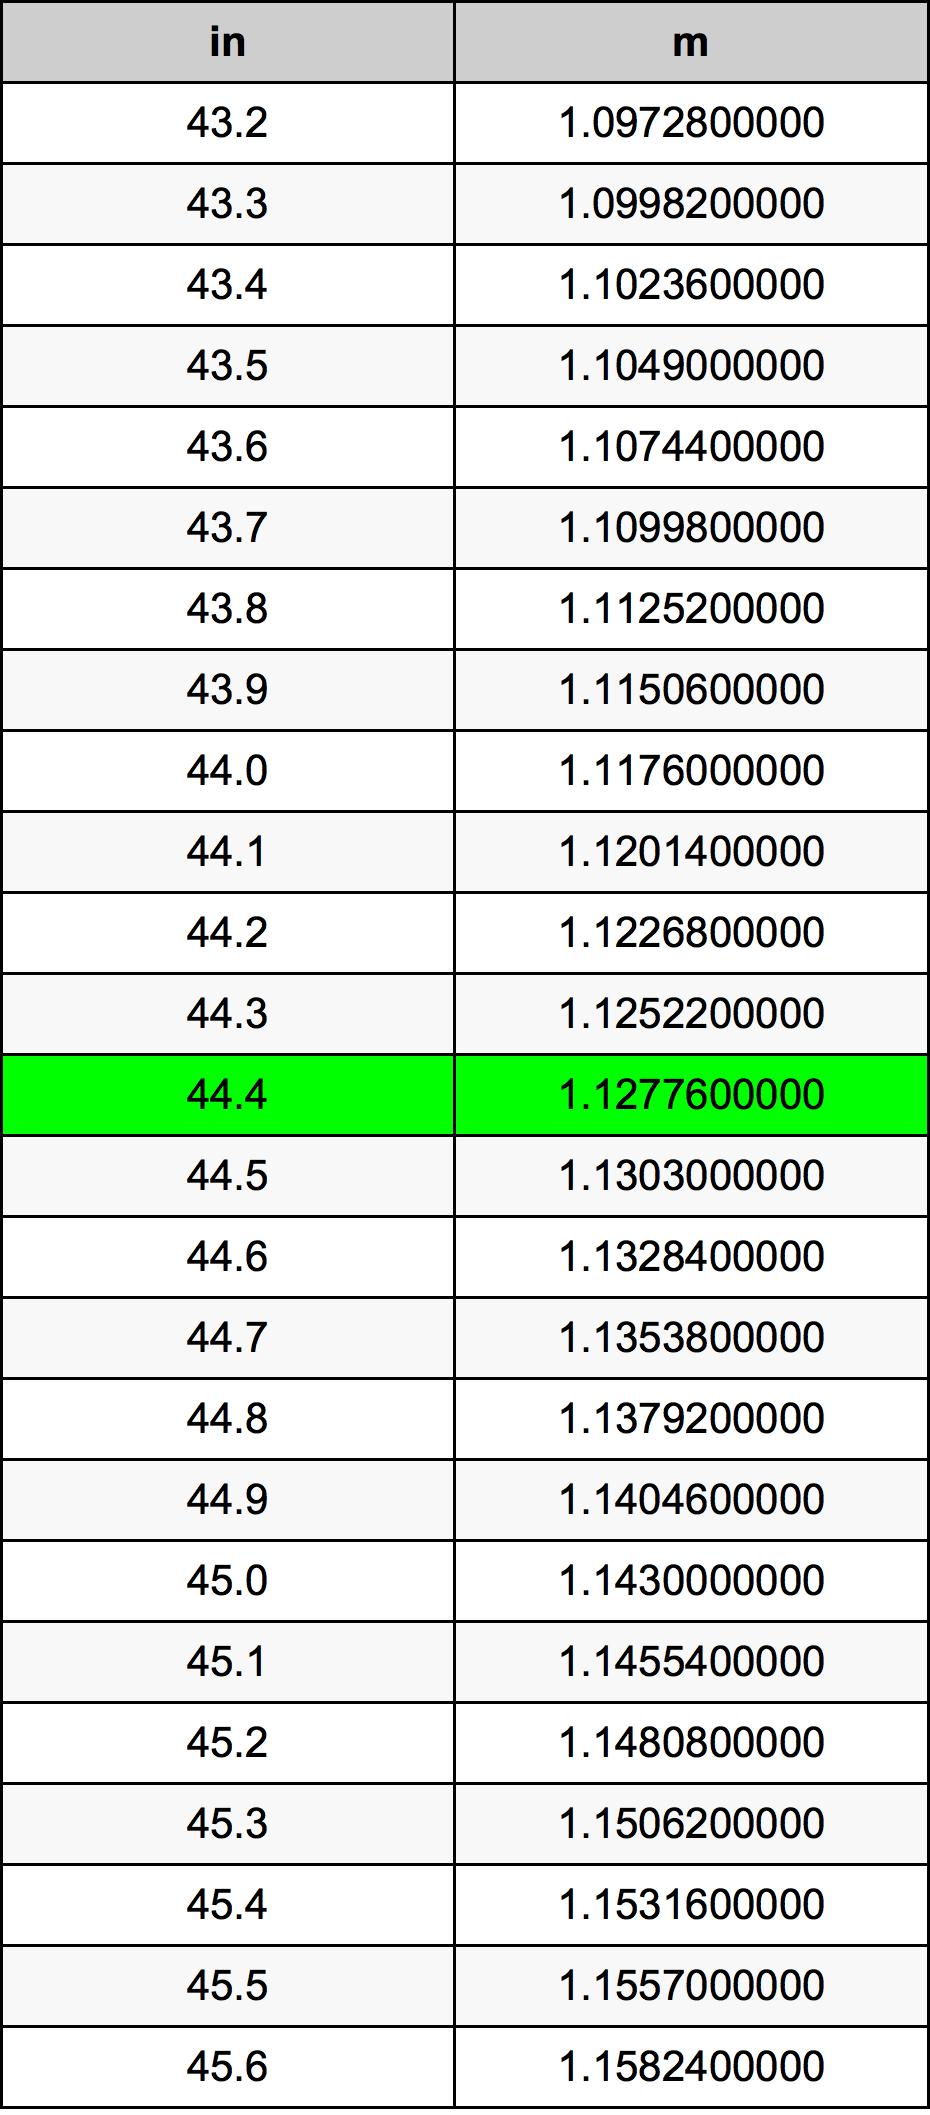 44.4 дюйм Таблиця перетворення